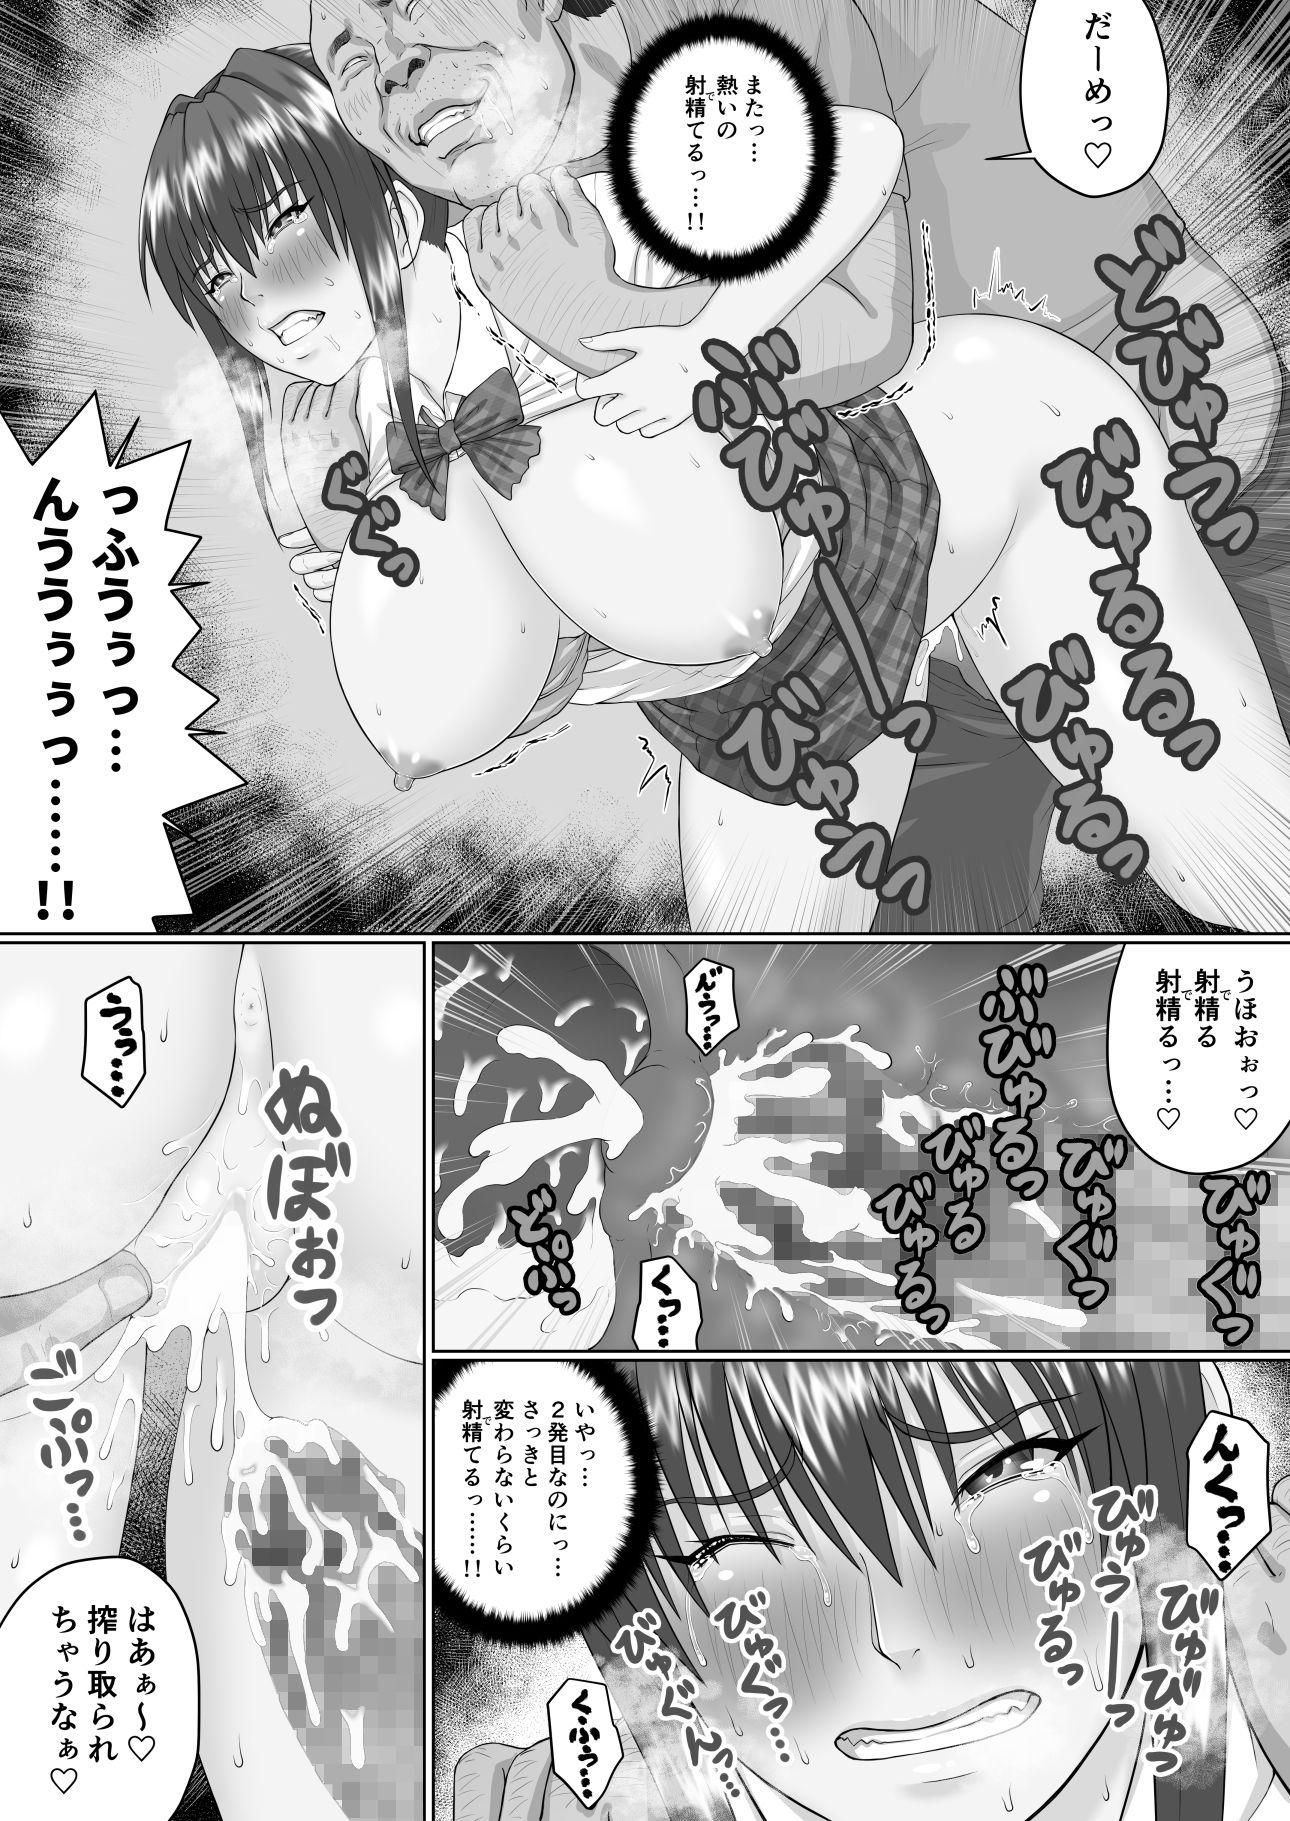 膣内射精おじさんに狙われた女は逃げることができない 〜瀬長沙姫編 VOL.1〜